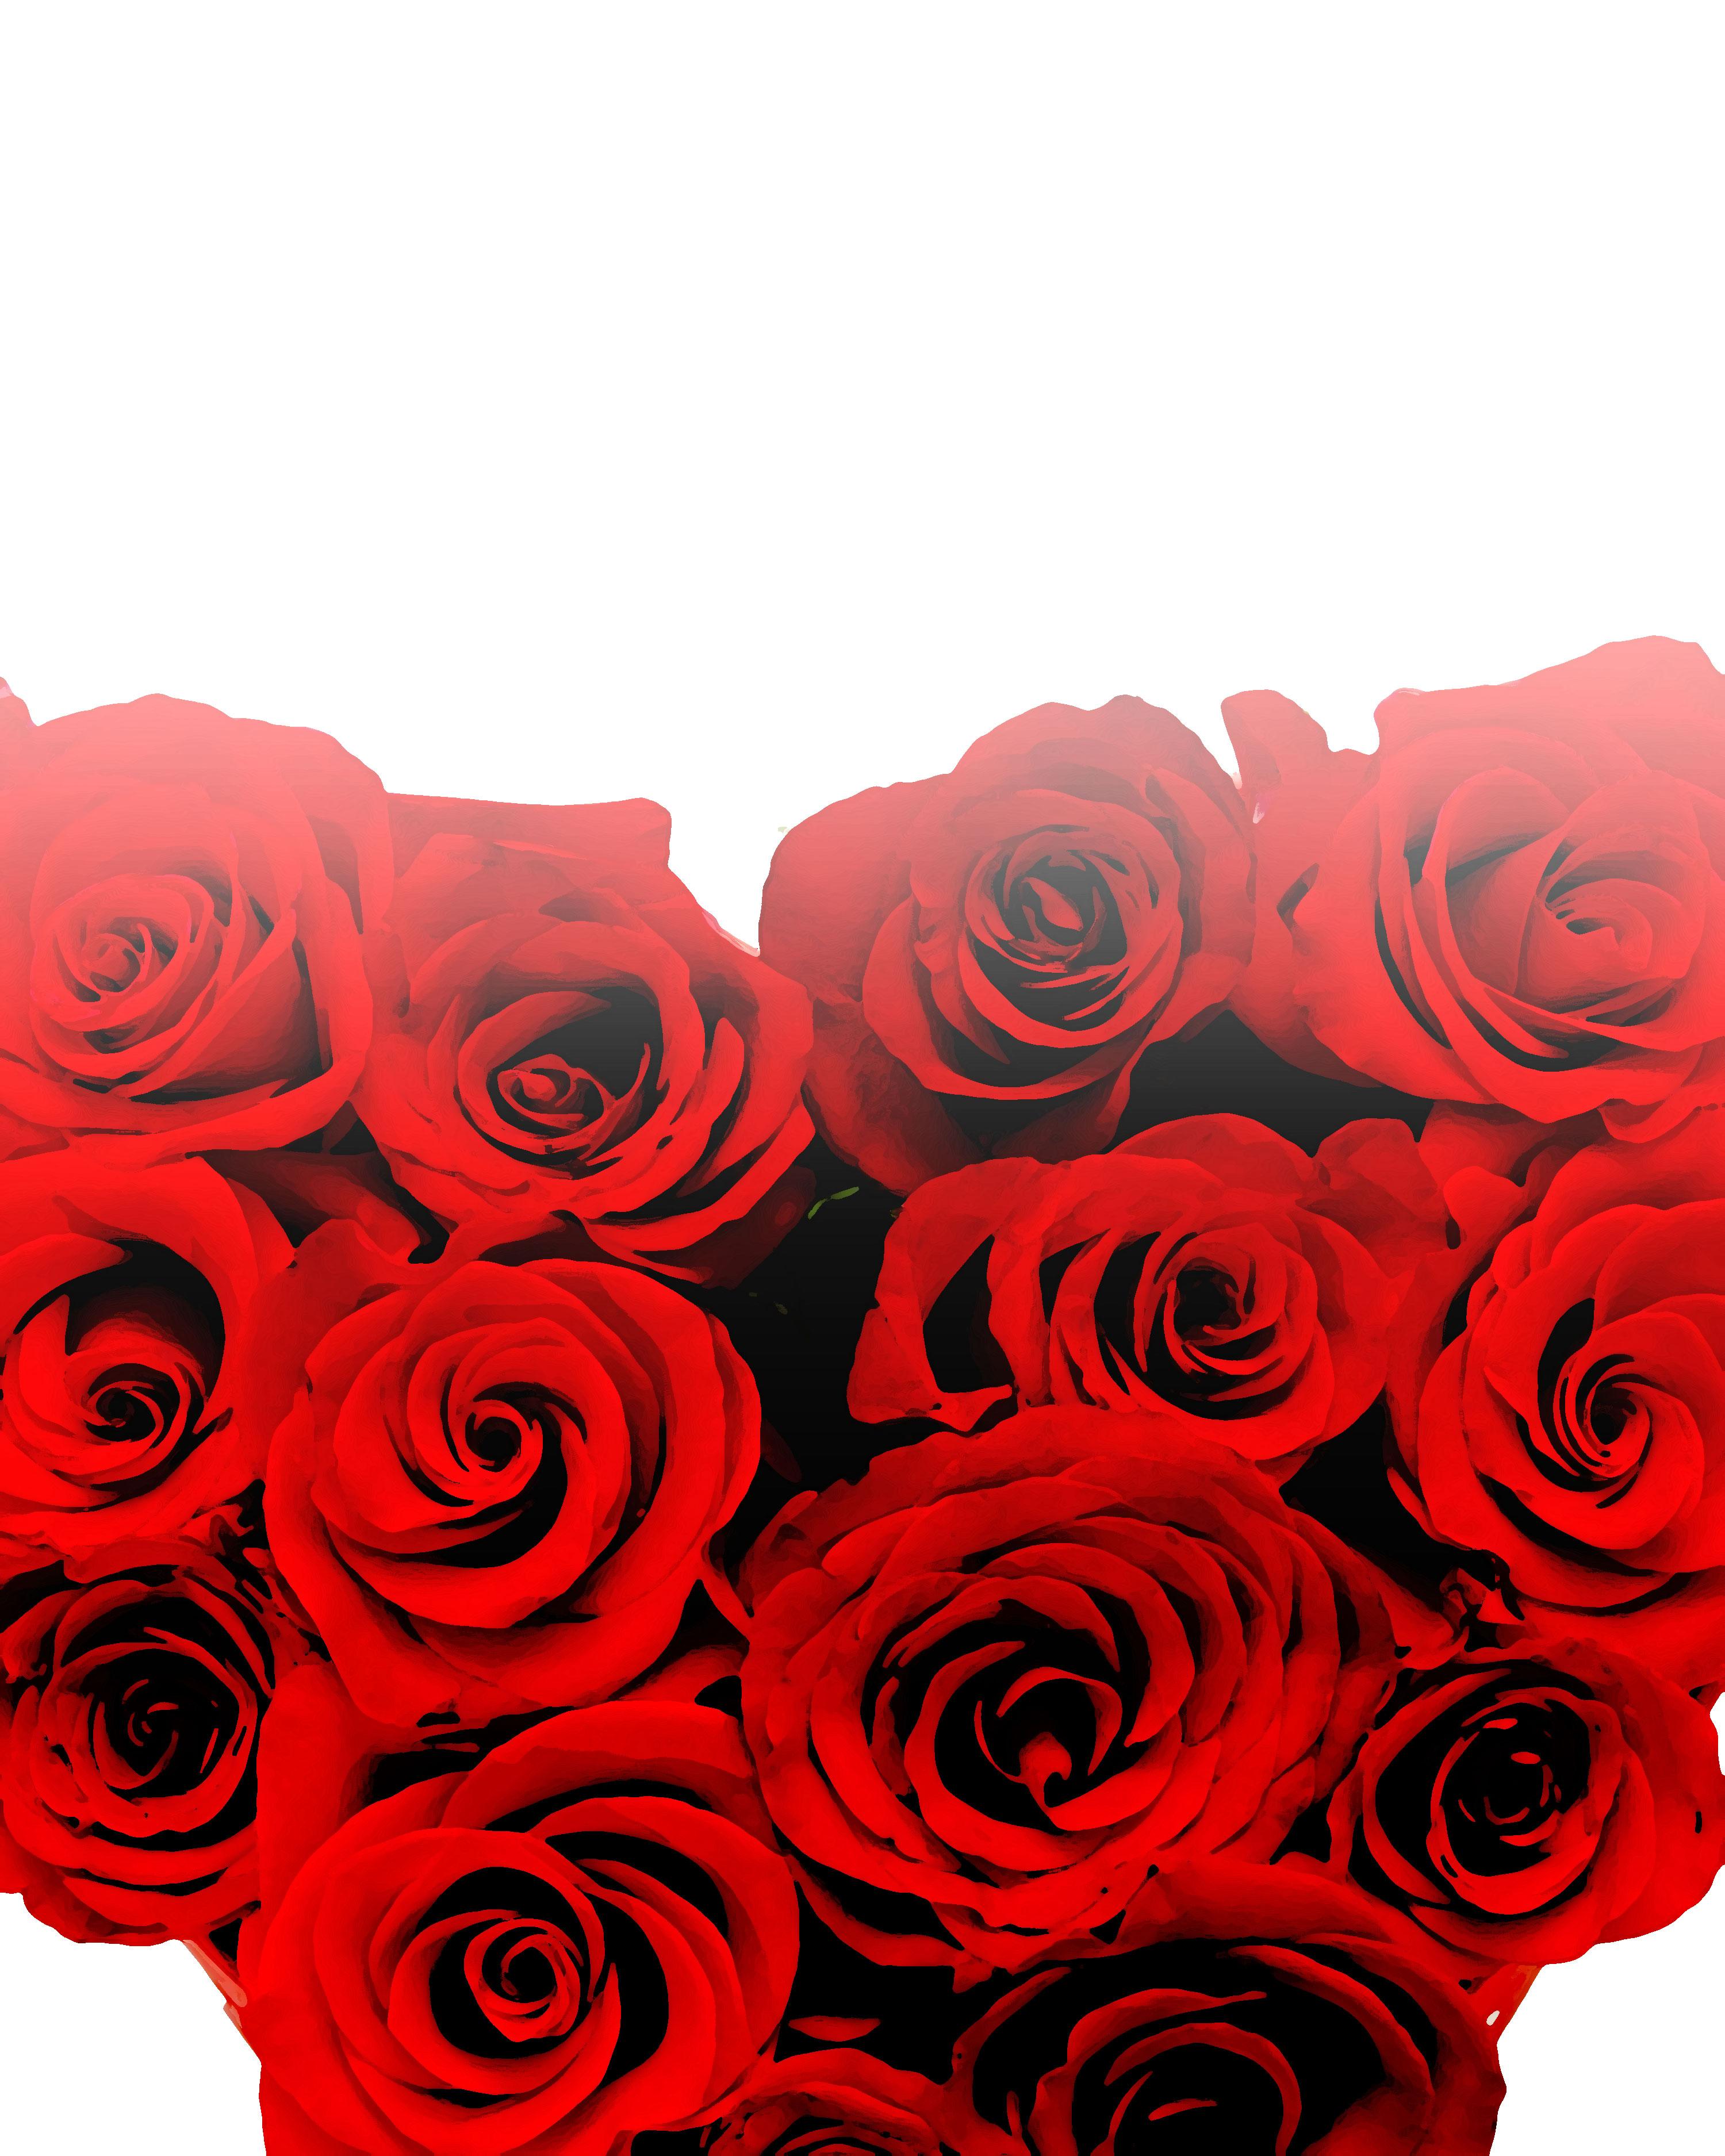 バラの画像 イラスト 壁紙 背景用 No 657 赤いバラ 束 光彩